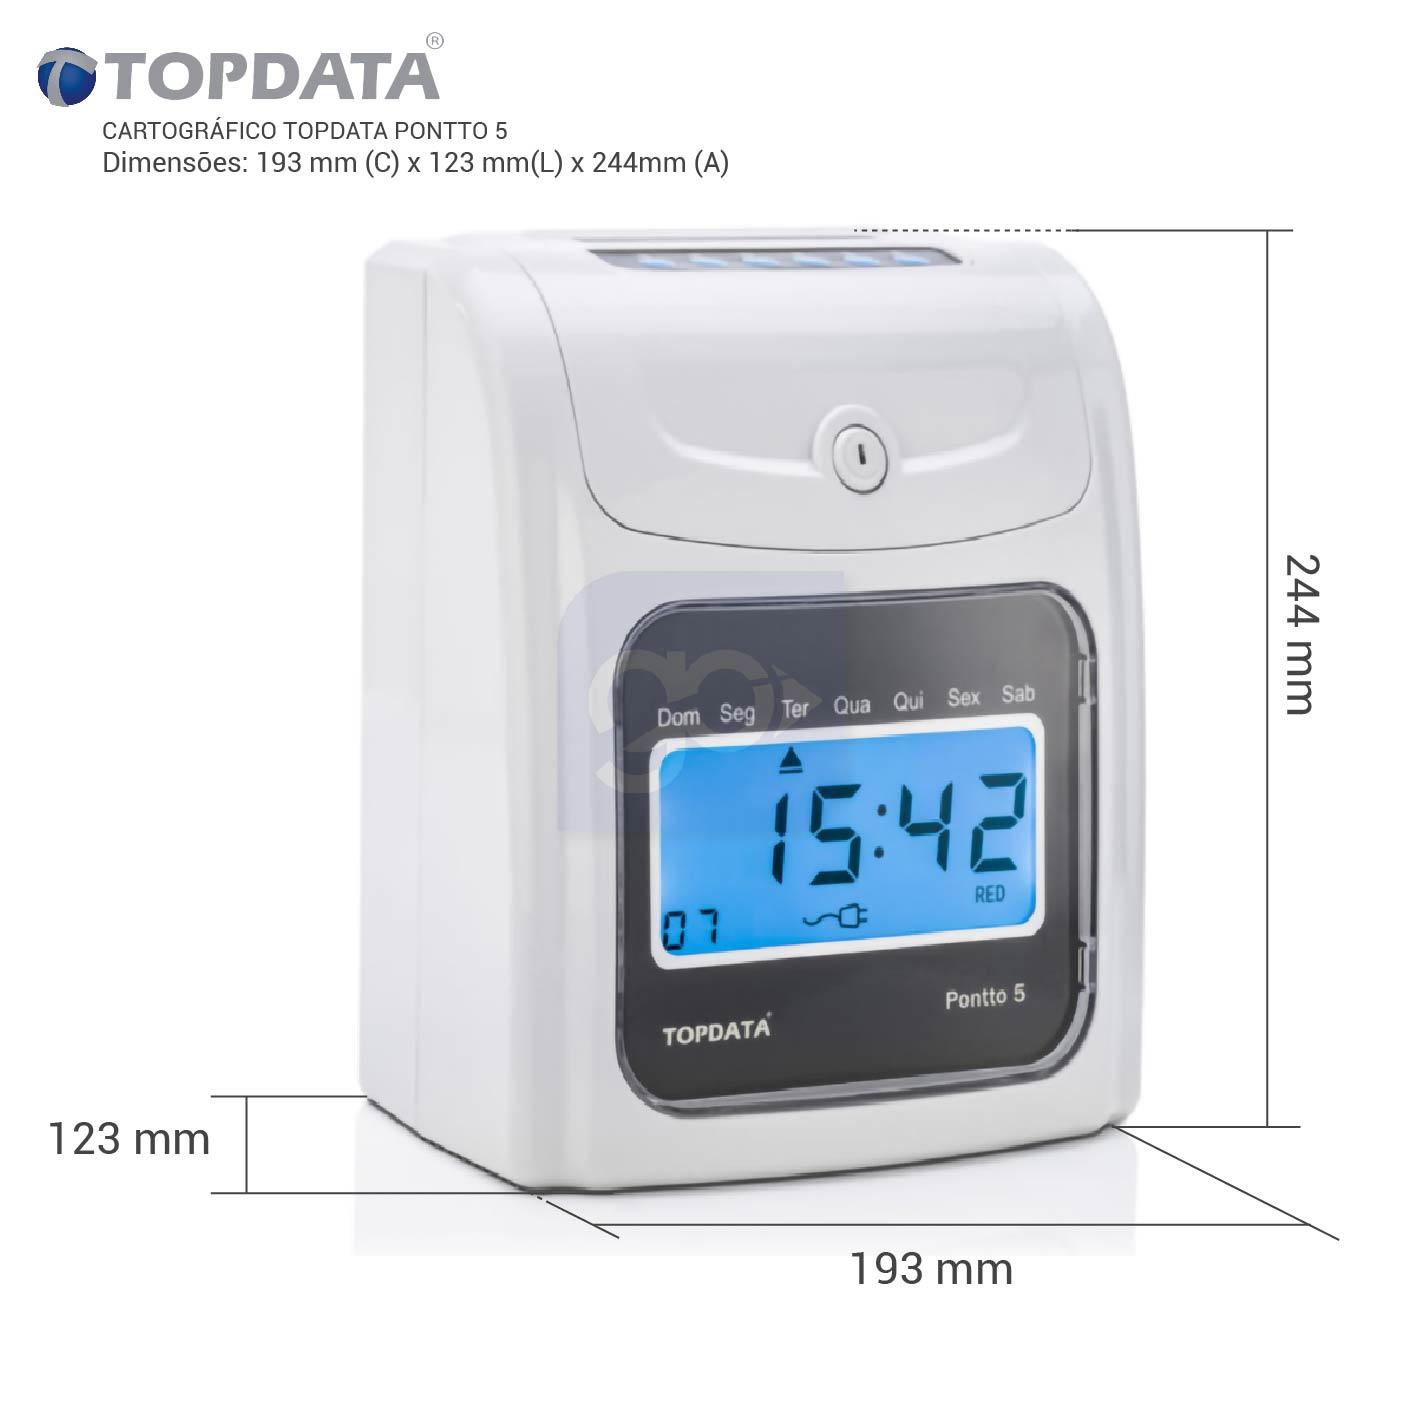 Relógio de Ponto Eletrônico Cartográfico Topdata Pontto 5   - GO AUTOMAÇÃO